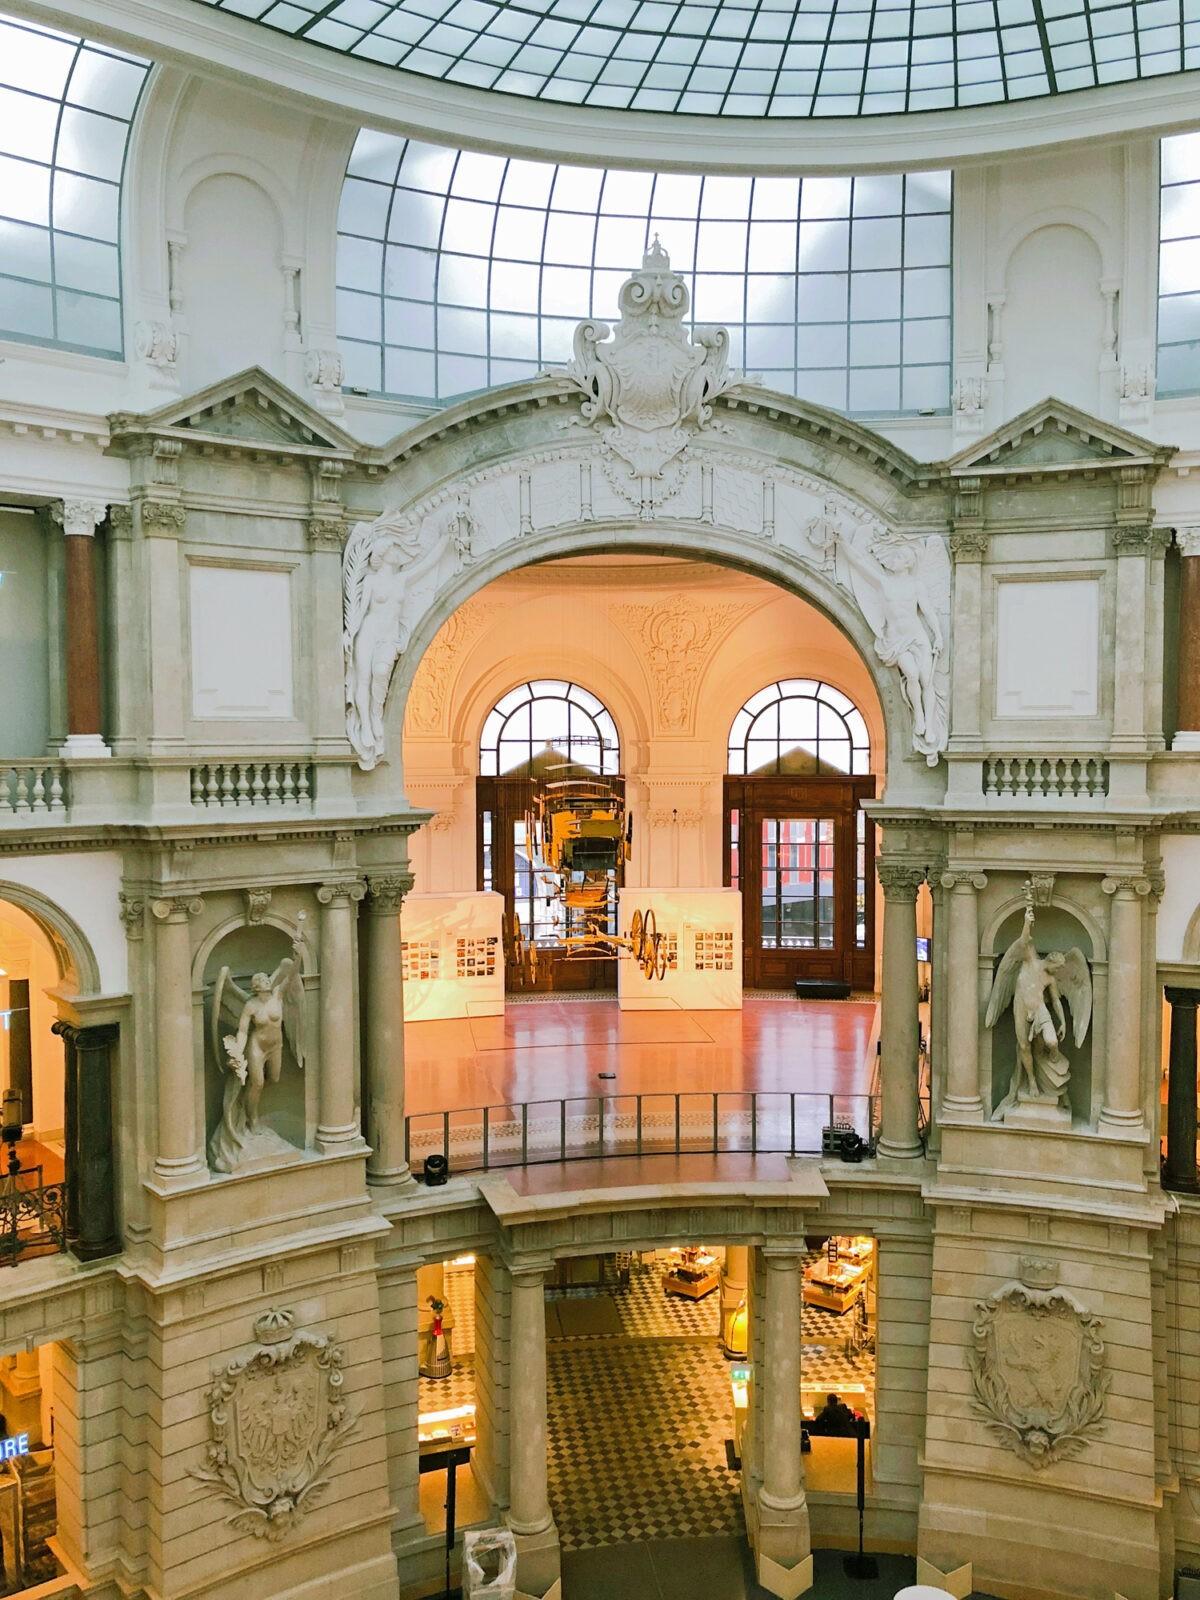 10 Museen in Berlin jenseits der Klassiker